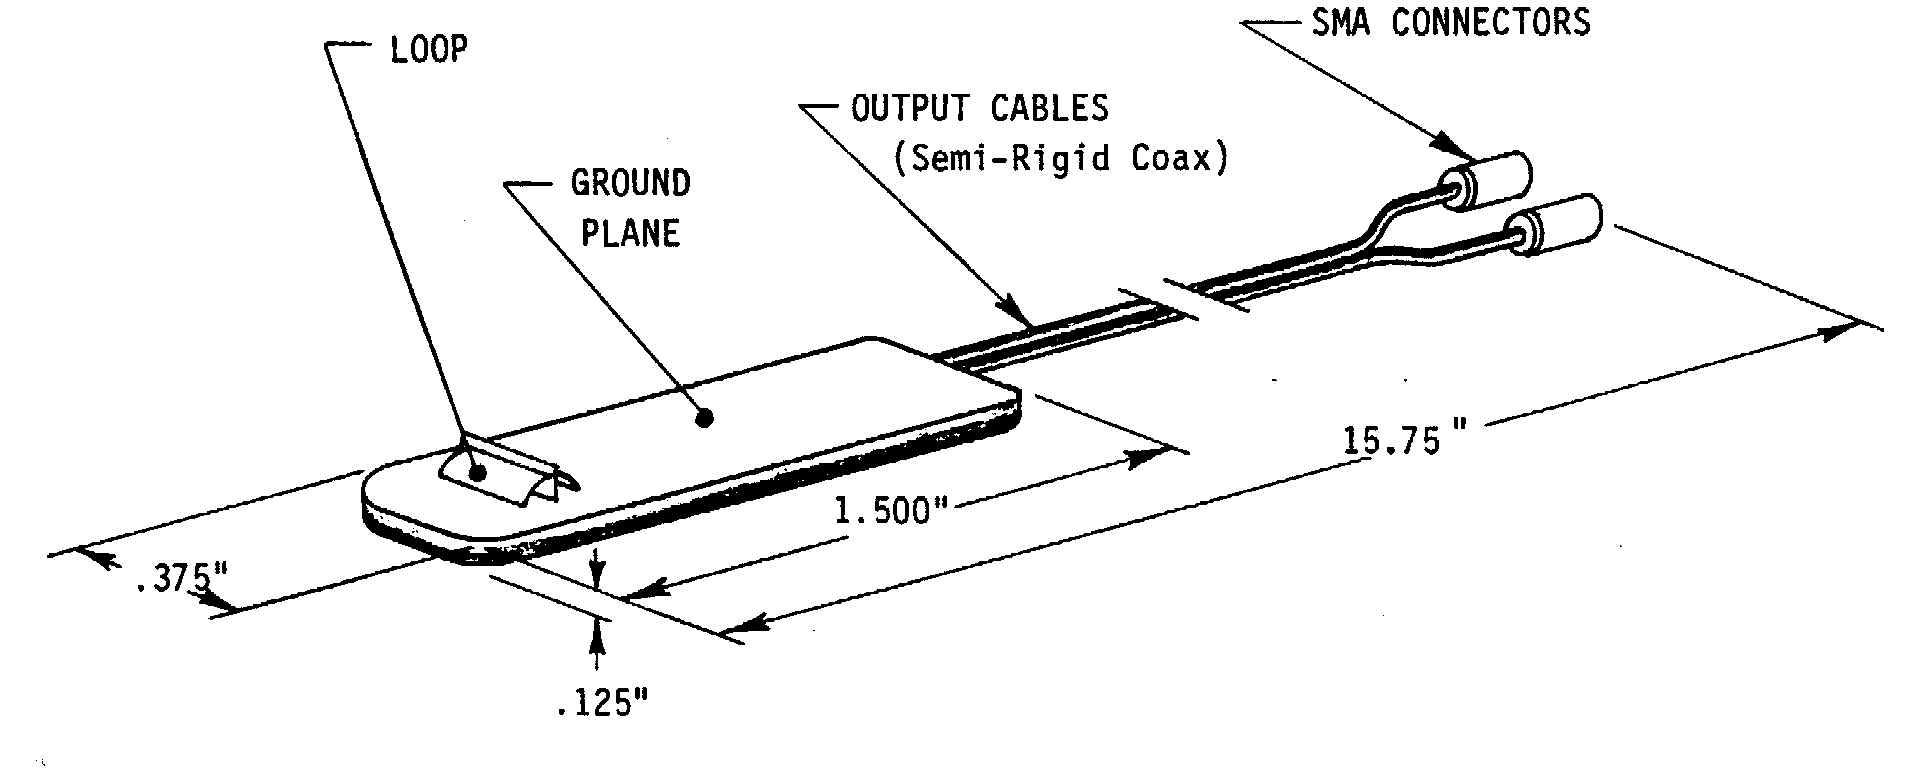 Prodyn BS25 ground plane magnetic field sensor